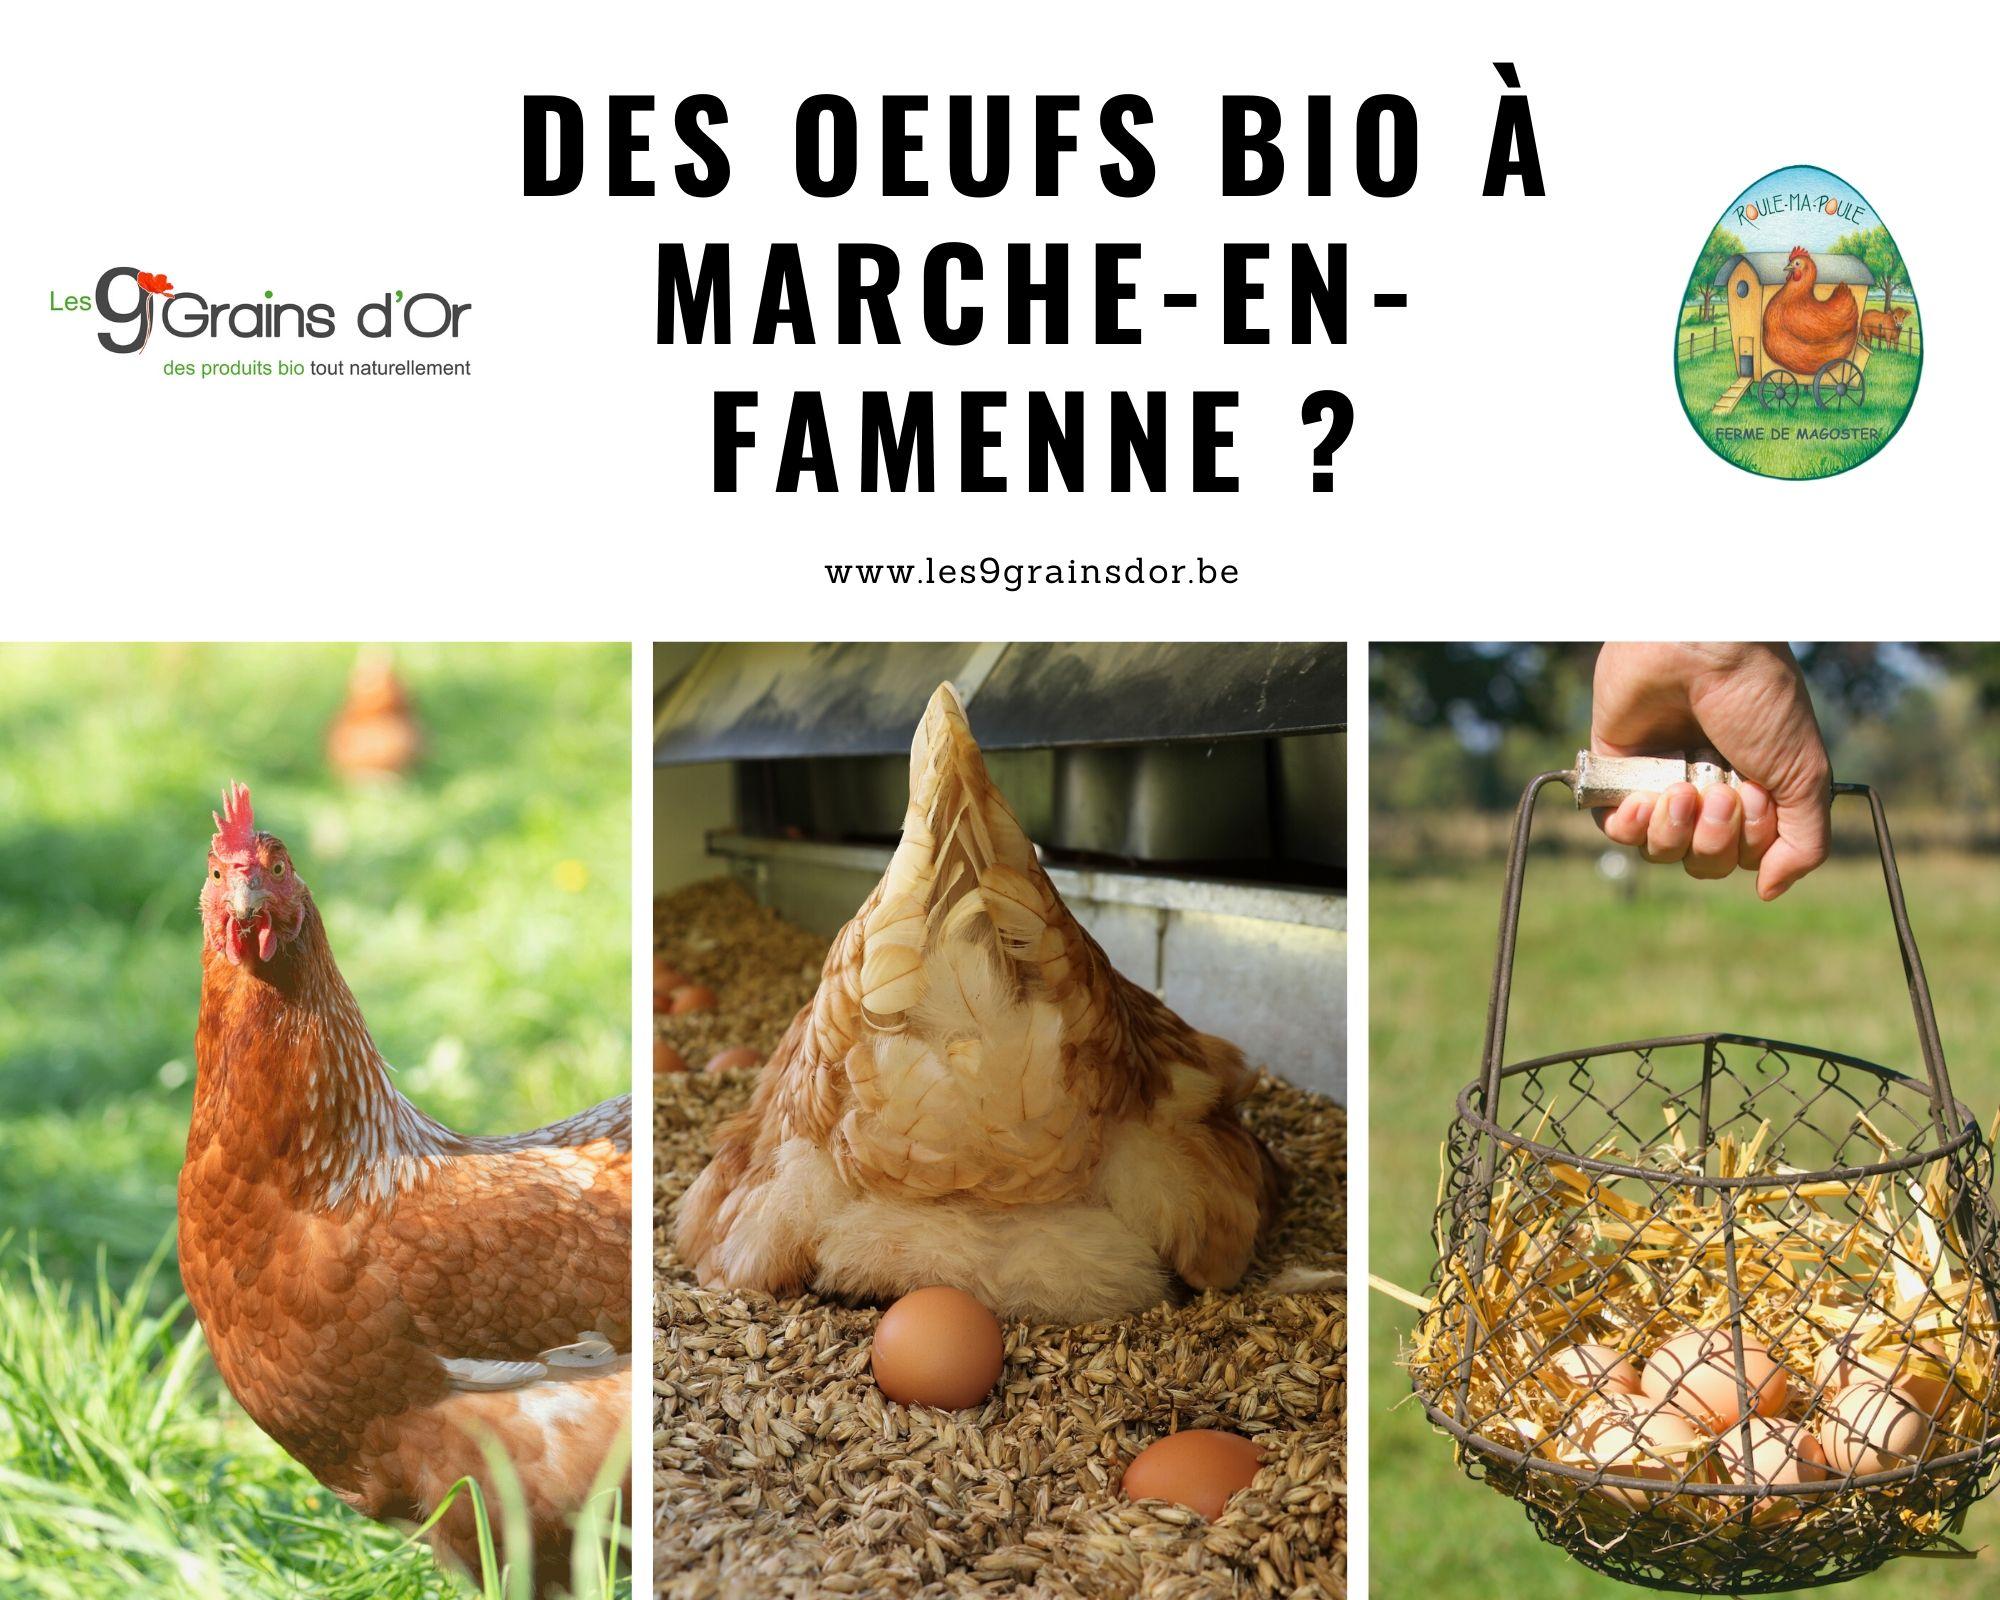 Oeufs bio Marche-en-Famenne